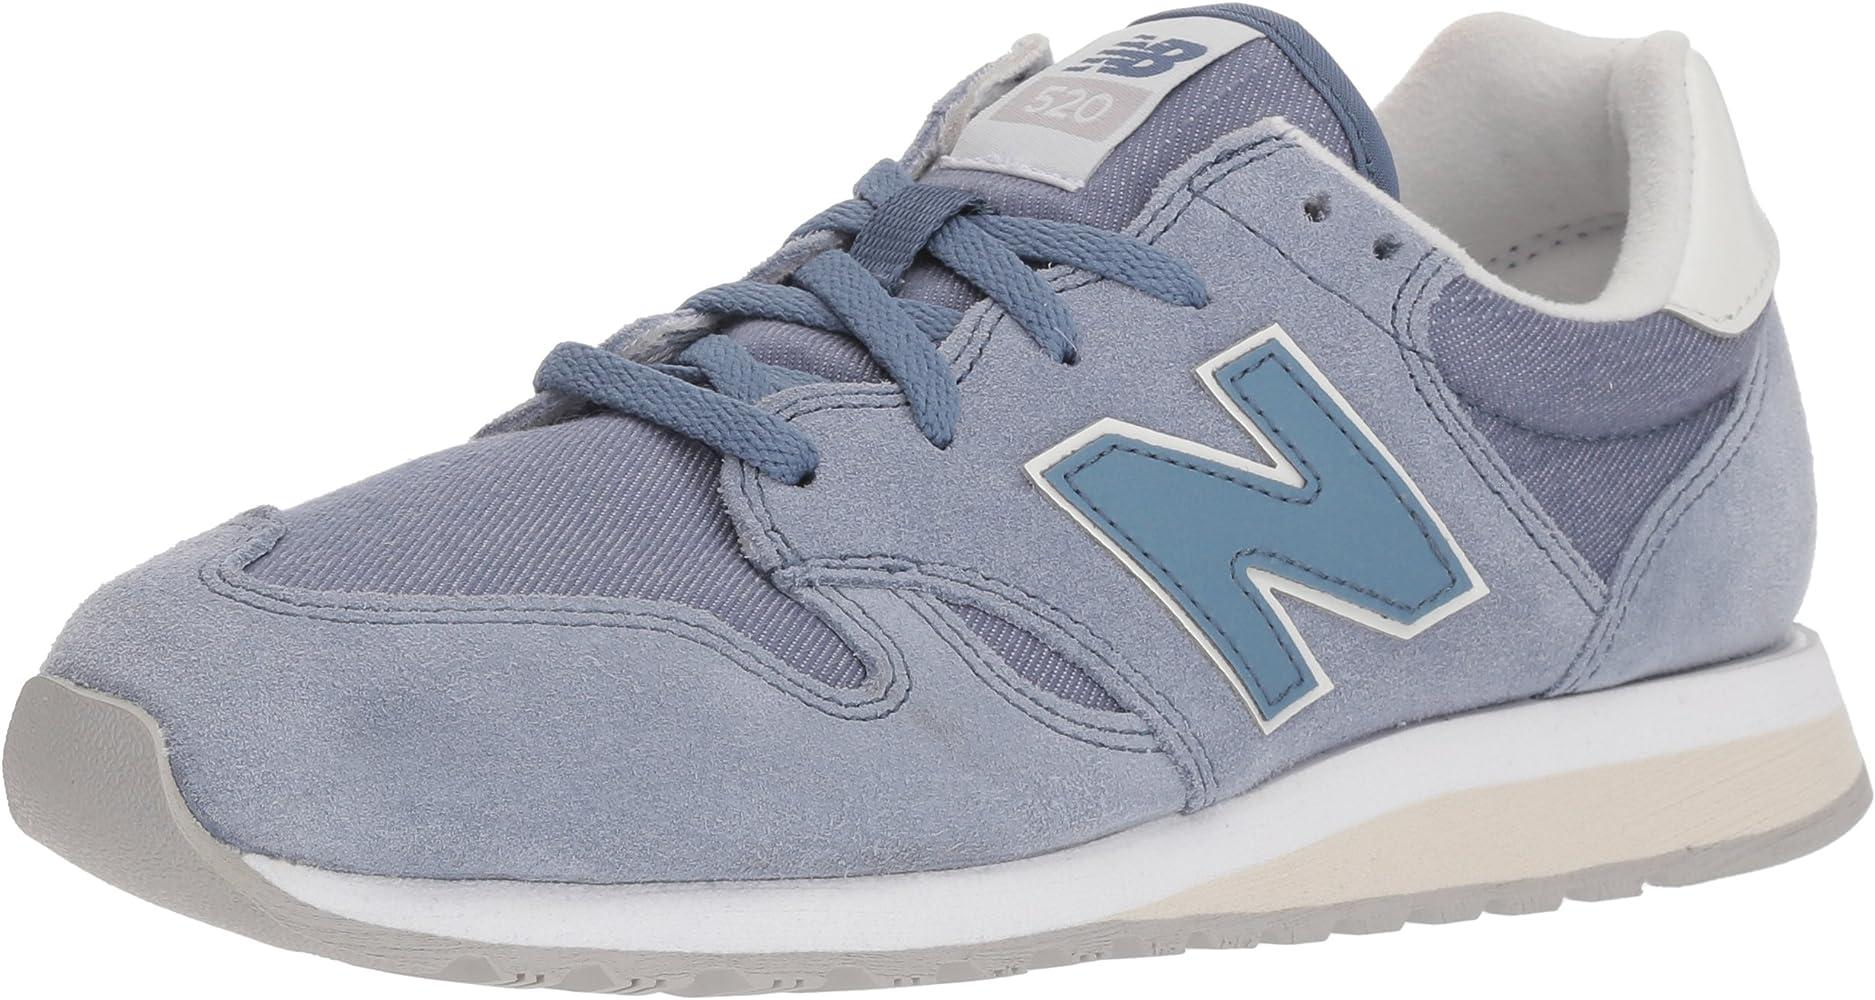 New Balance Women's 520 V1 Sneaker